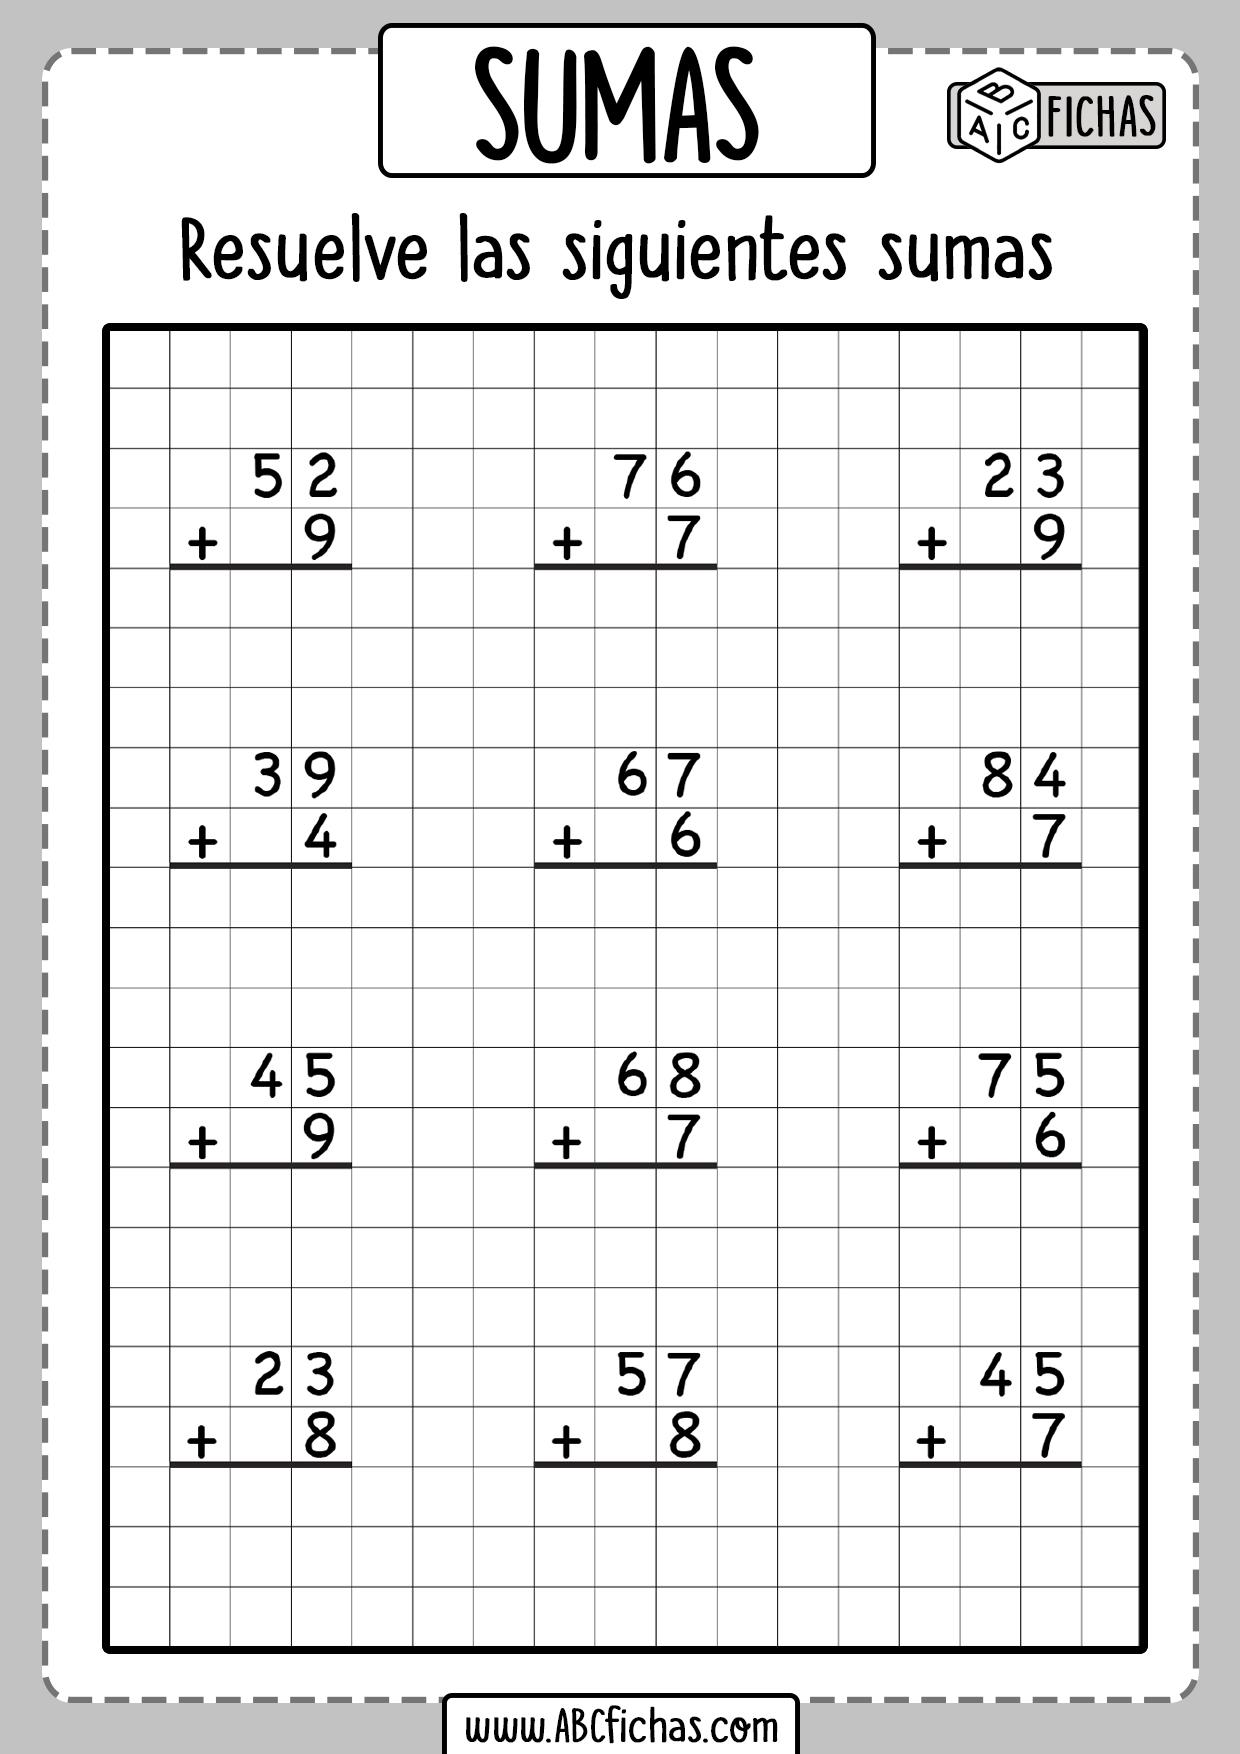 Ejercicios de sumas para primero de primaria